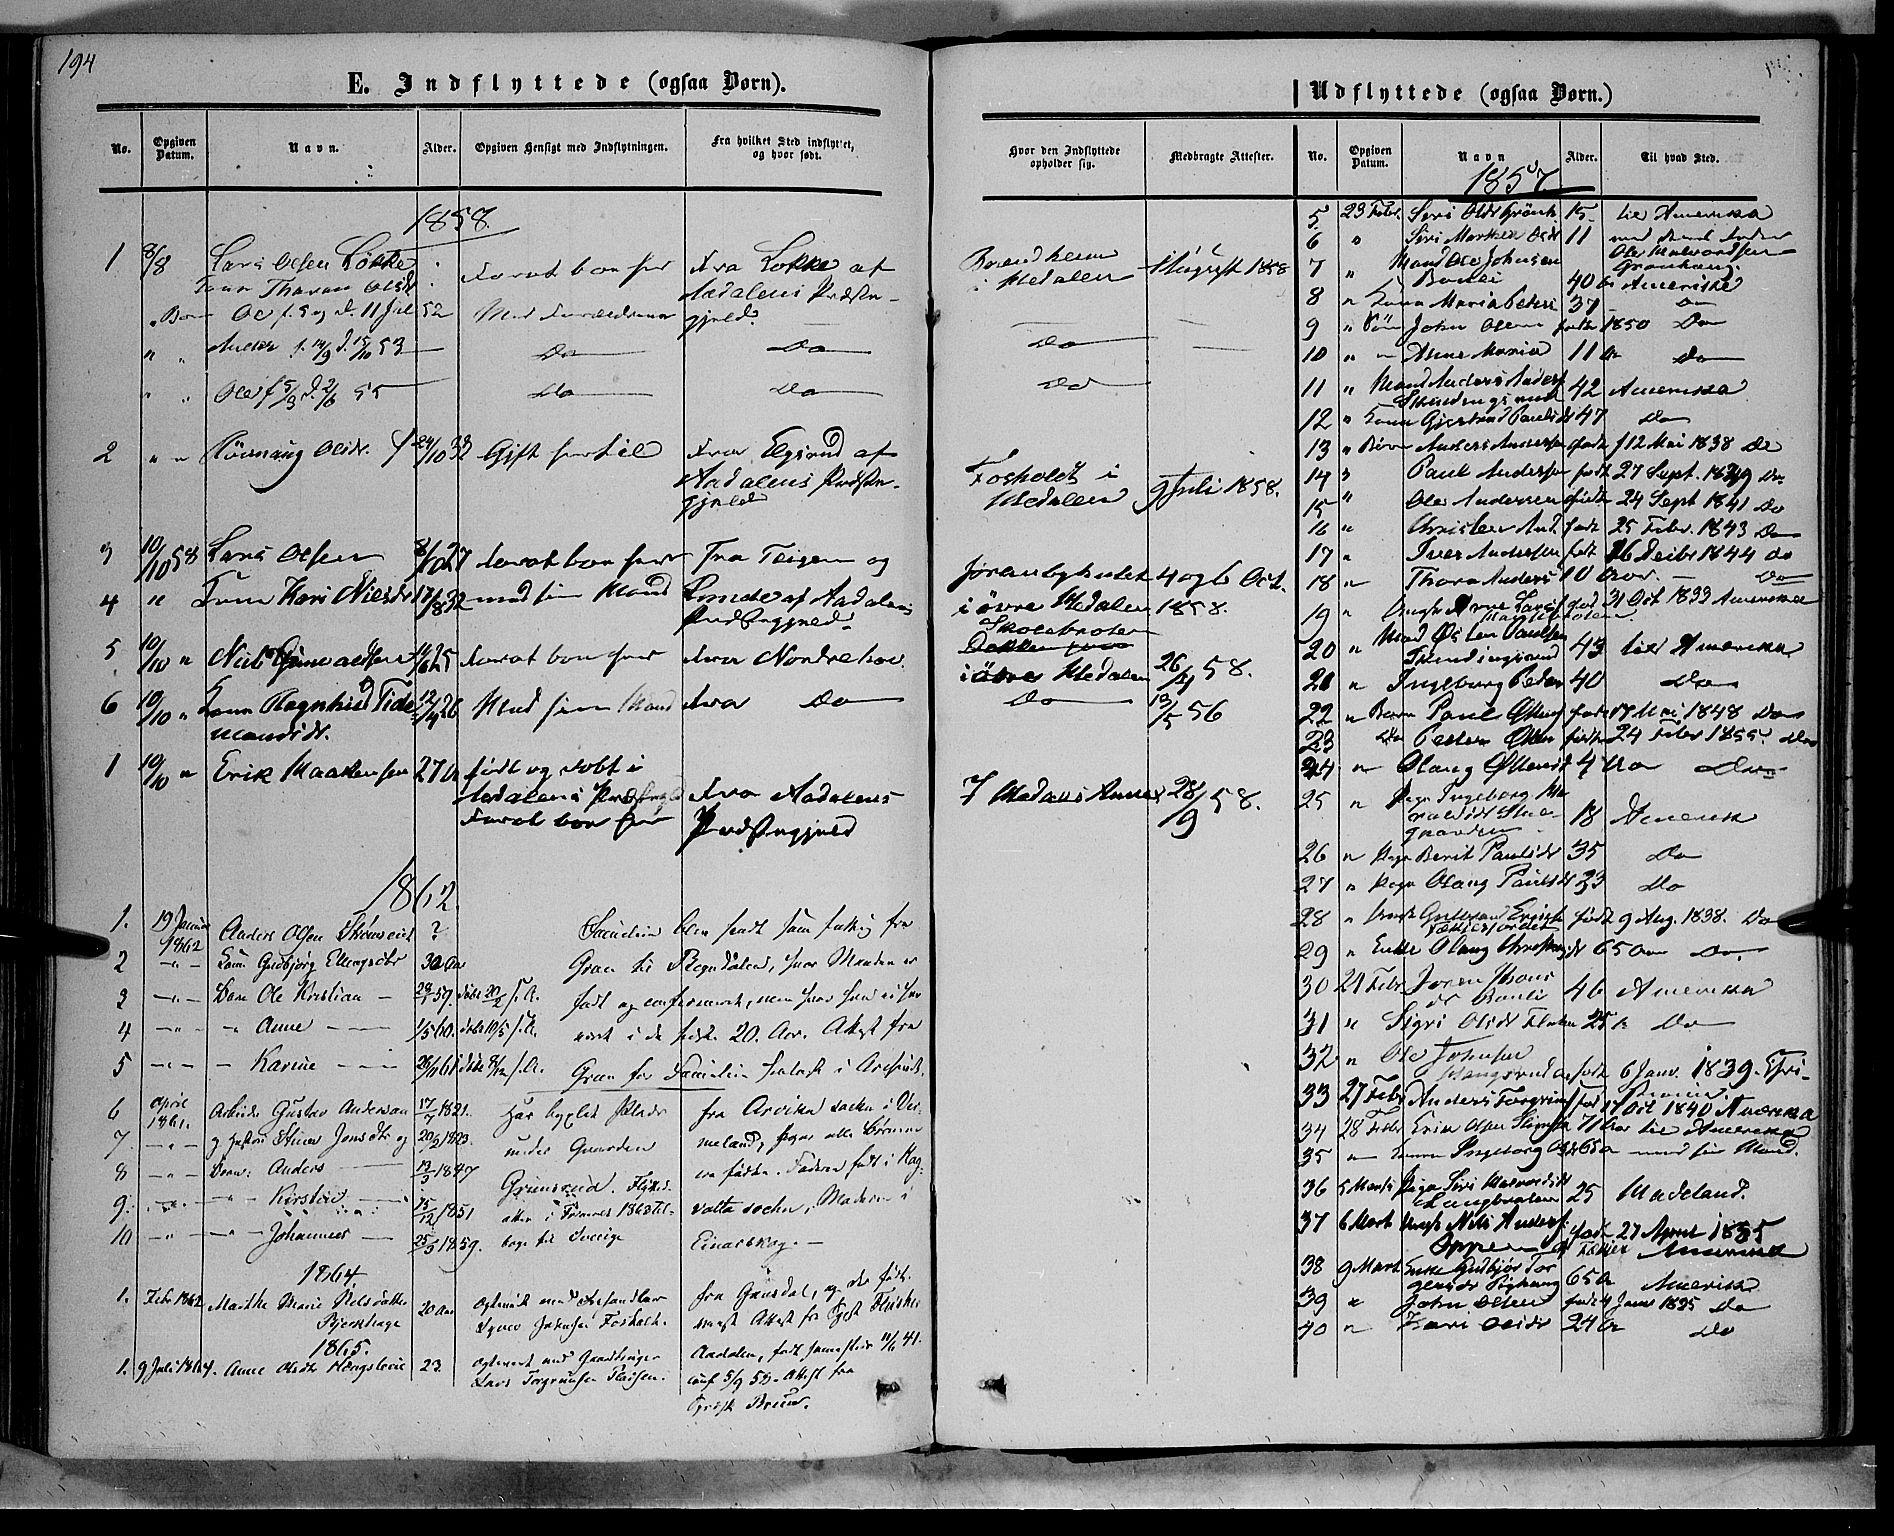 SAH, Sør-Aurdal prestekontor, Ministerialbok nr. 7, 1849-1876, s. 194